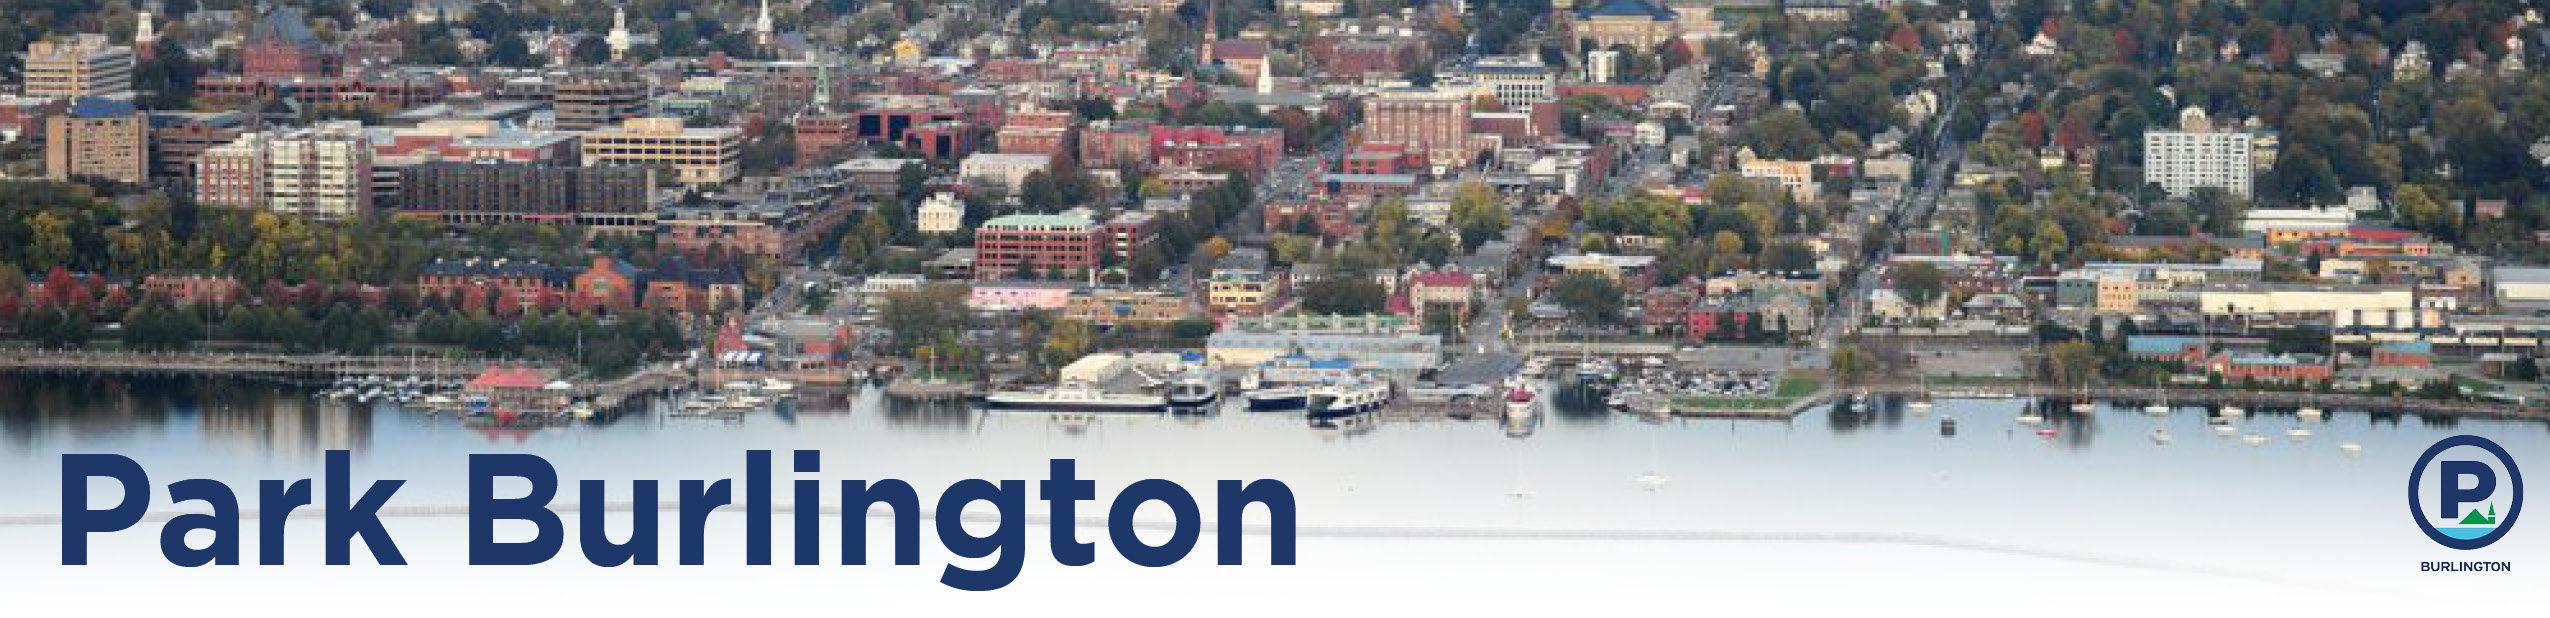 Park Burlington